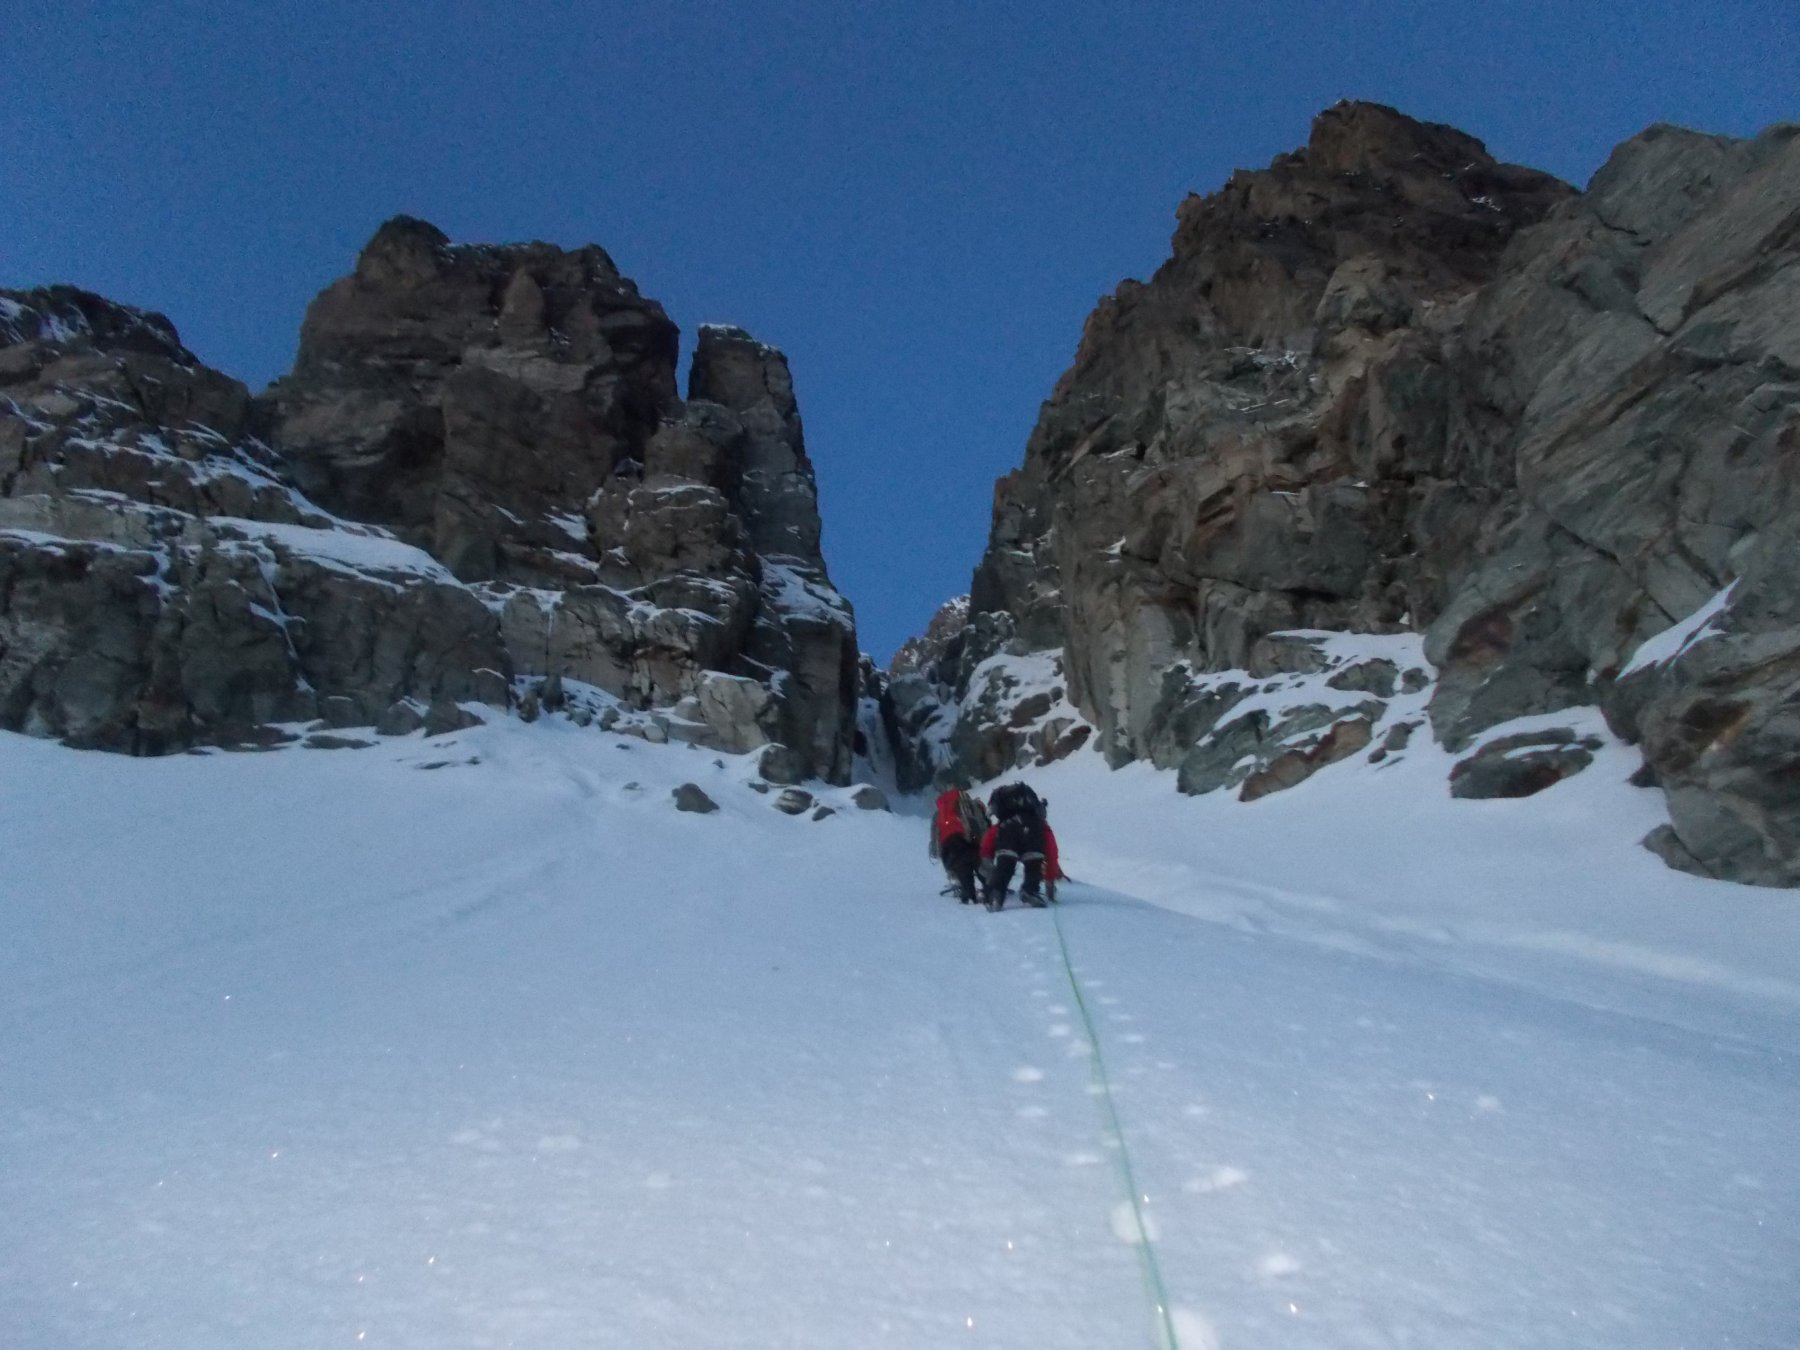 verso la strettoia della parte superiore dal ghiacciaio pensile..